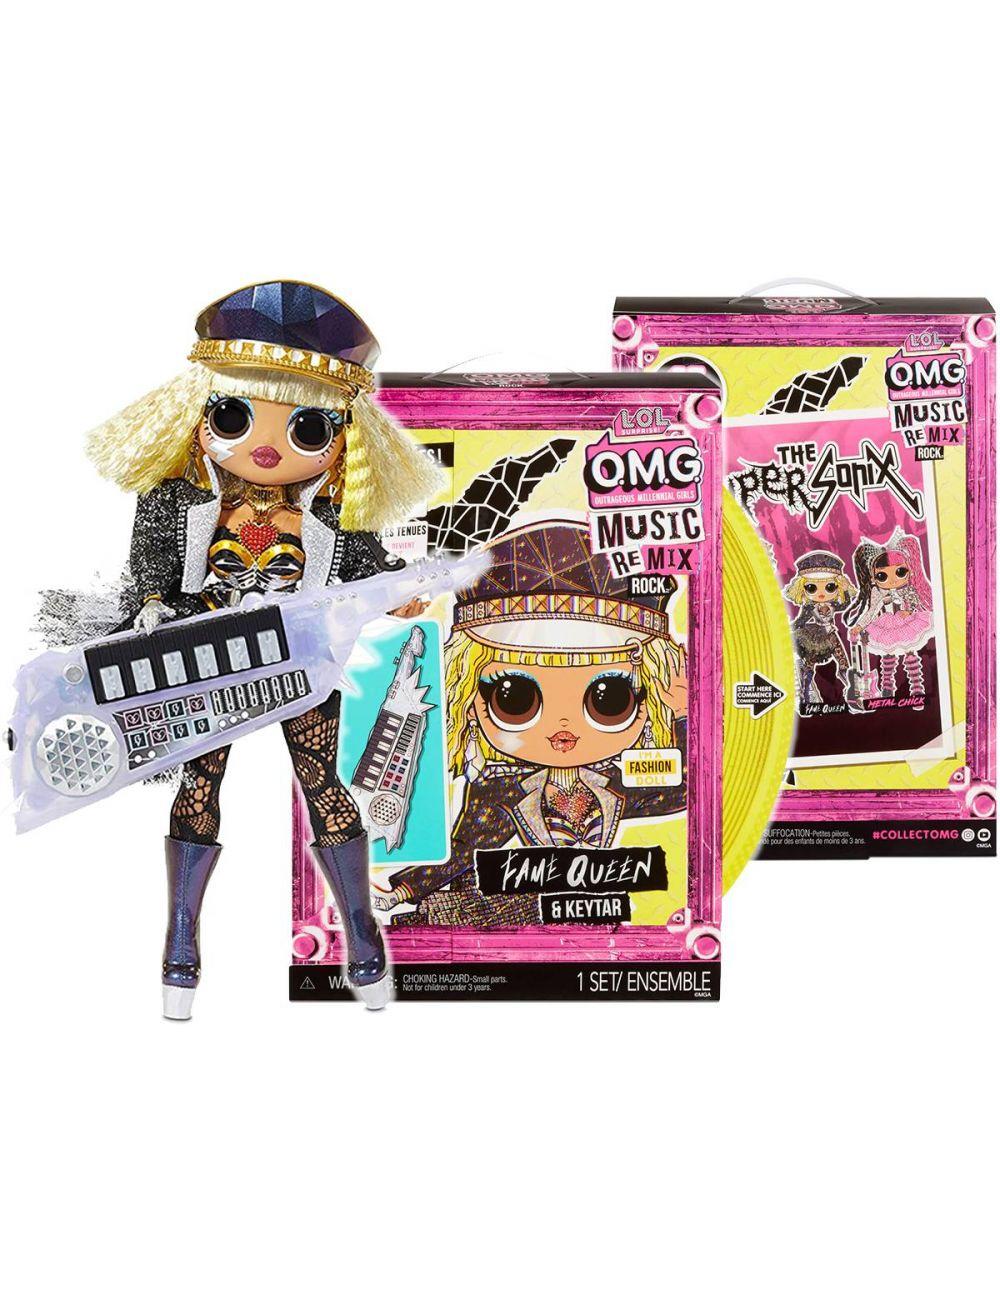 LOL Surprise OMG Remix Rock Lalka Fame Queen z Keytarem 577607